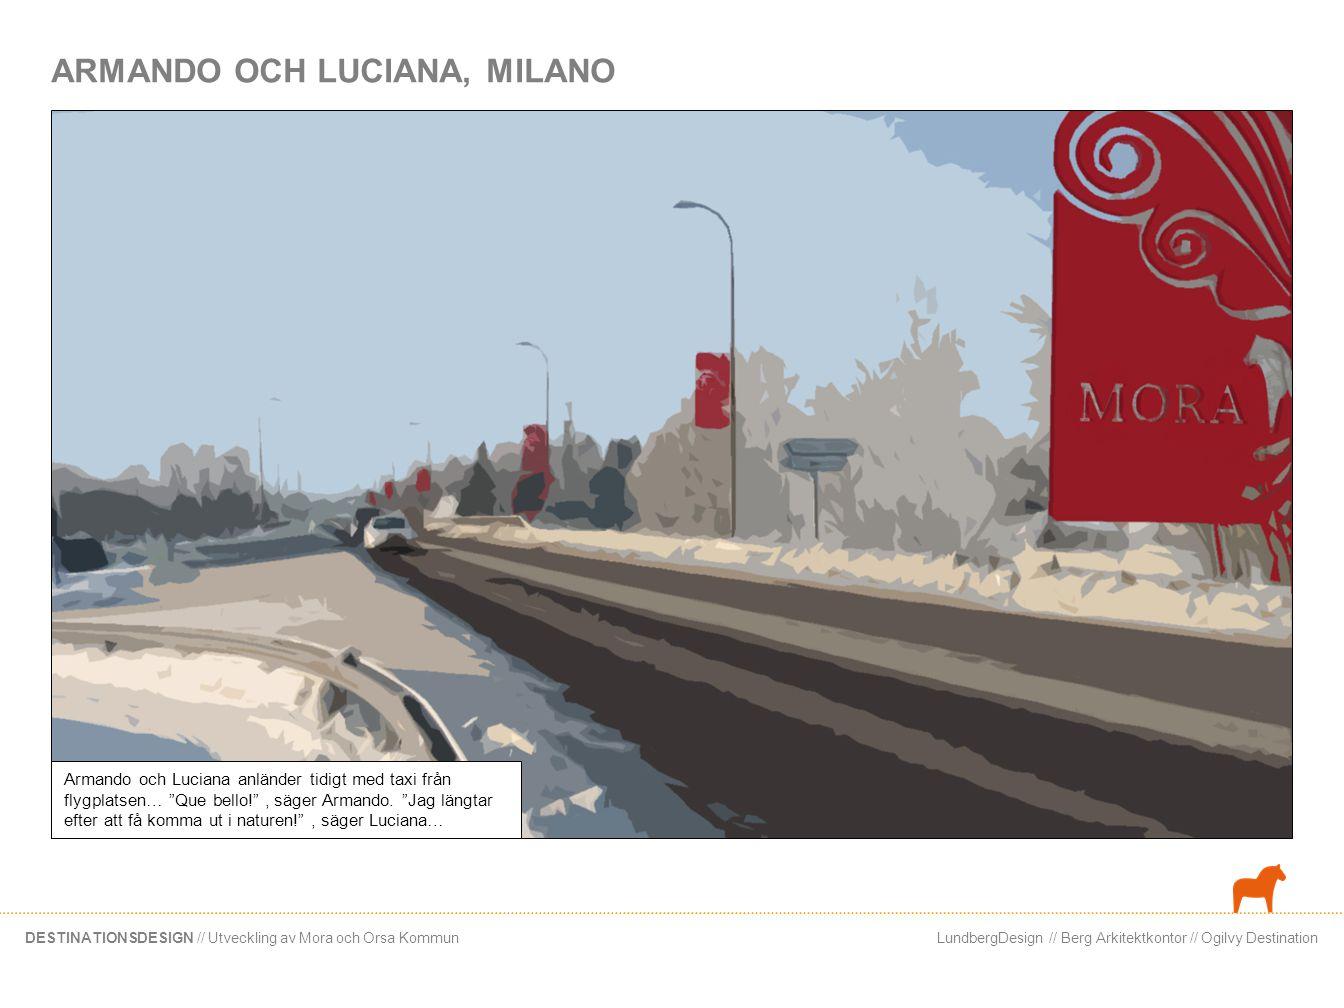 LundbergDesign // Berg Arkitektkontor // Ogilvy DestinationDESTINATIONSDESIGN // Utveckling av Mora och Orsa Kommun Armando och Luciana anländer tidig